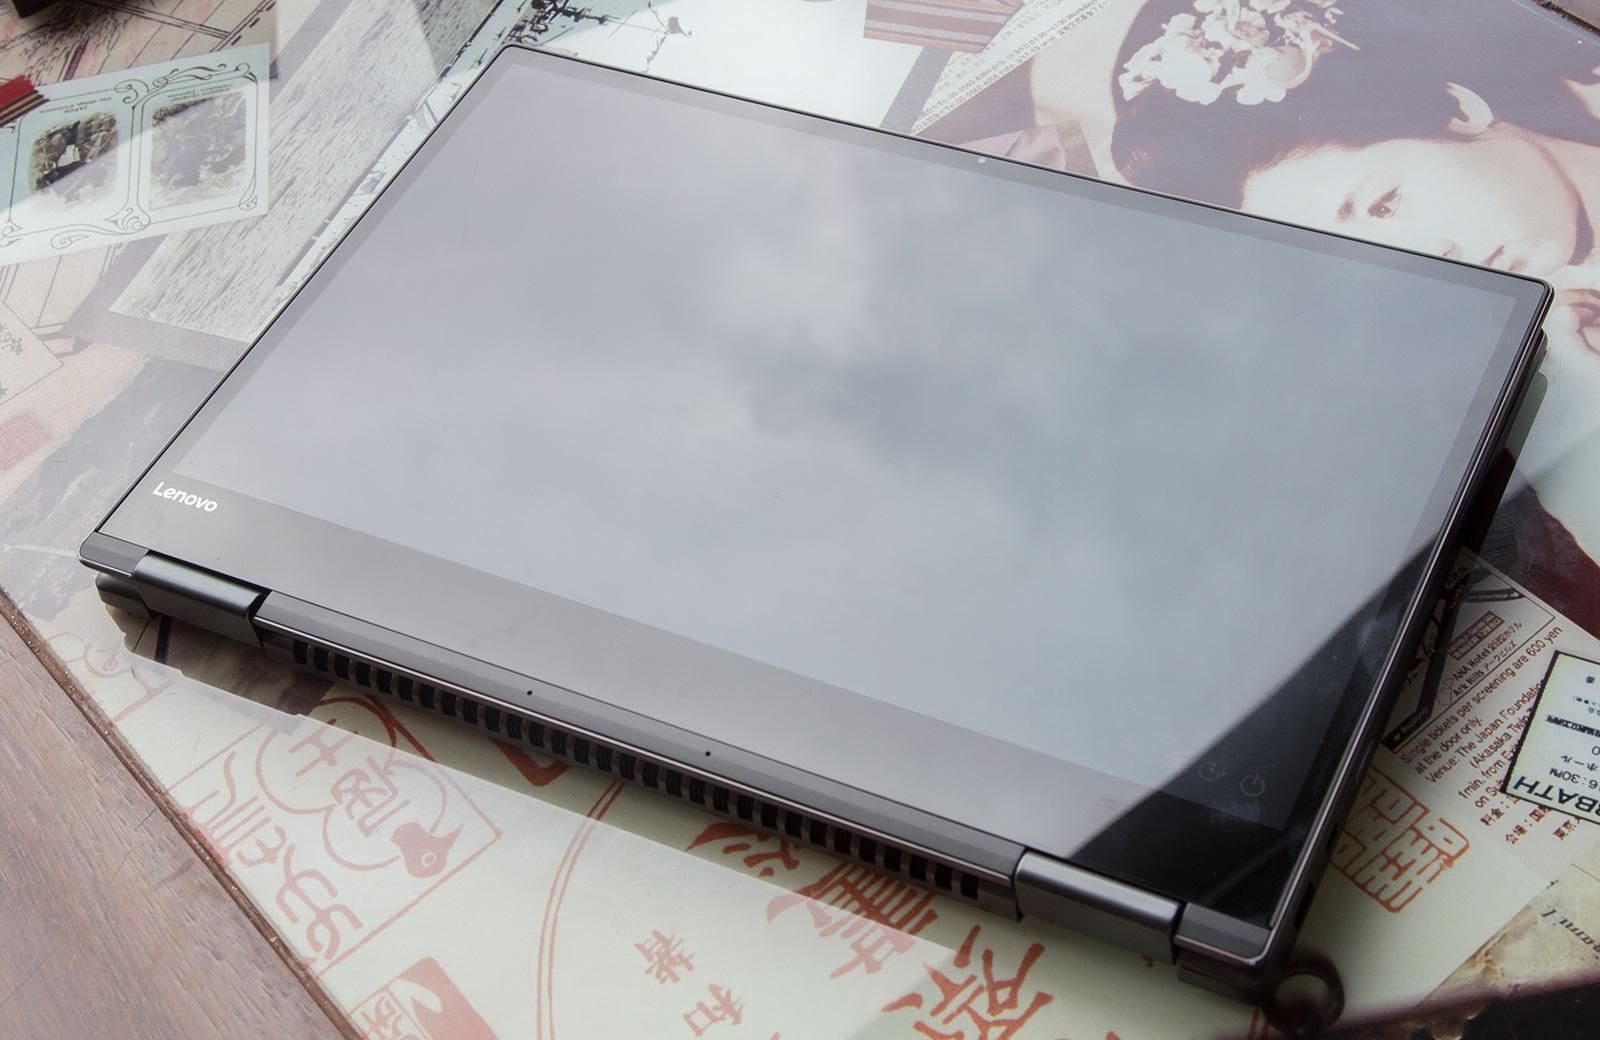 Универсальный Йог. Обзор ноутбука-трансформера Lenovo Yoga 720 - 7